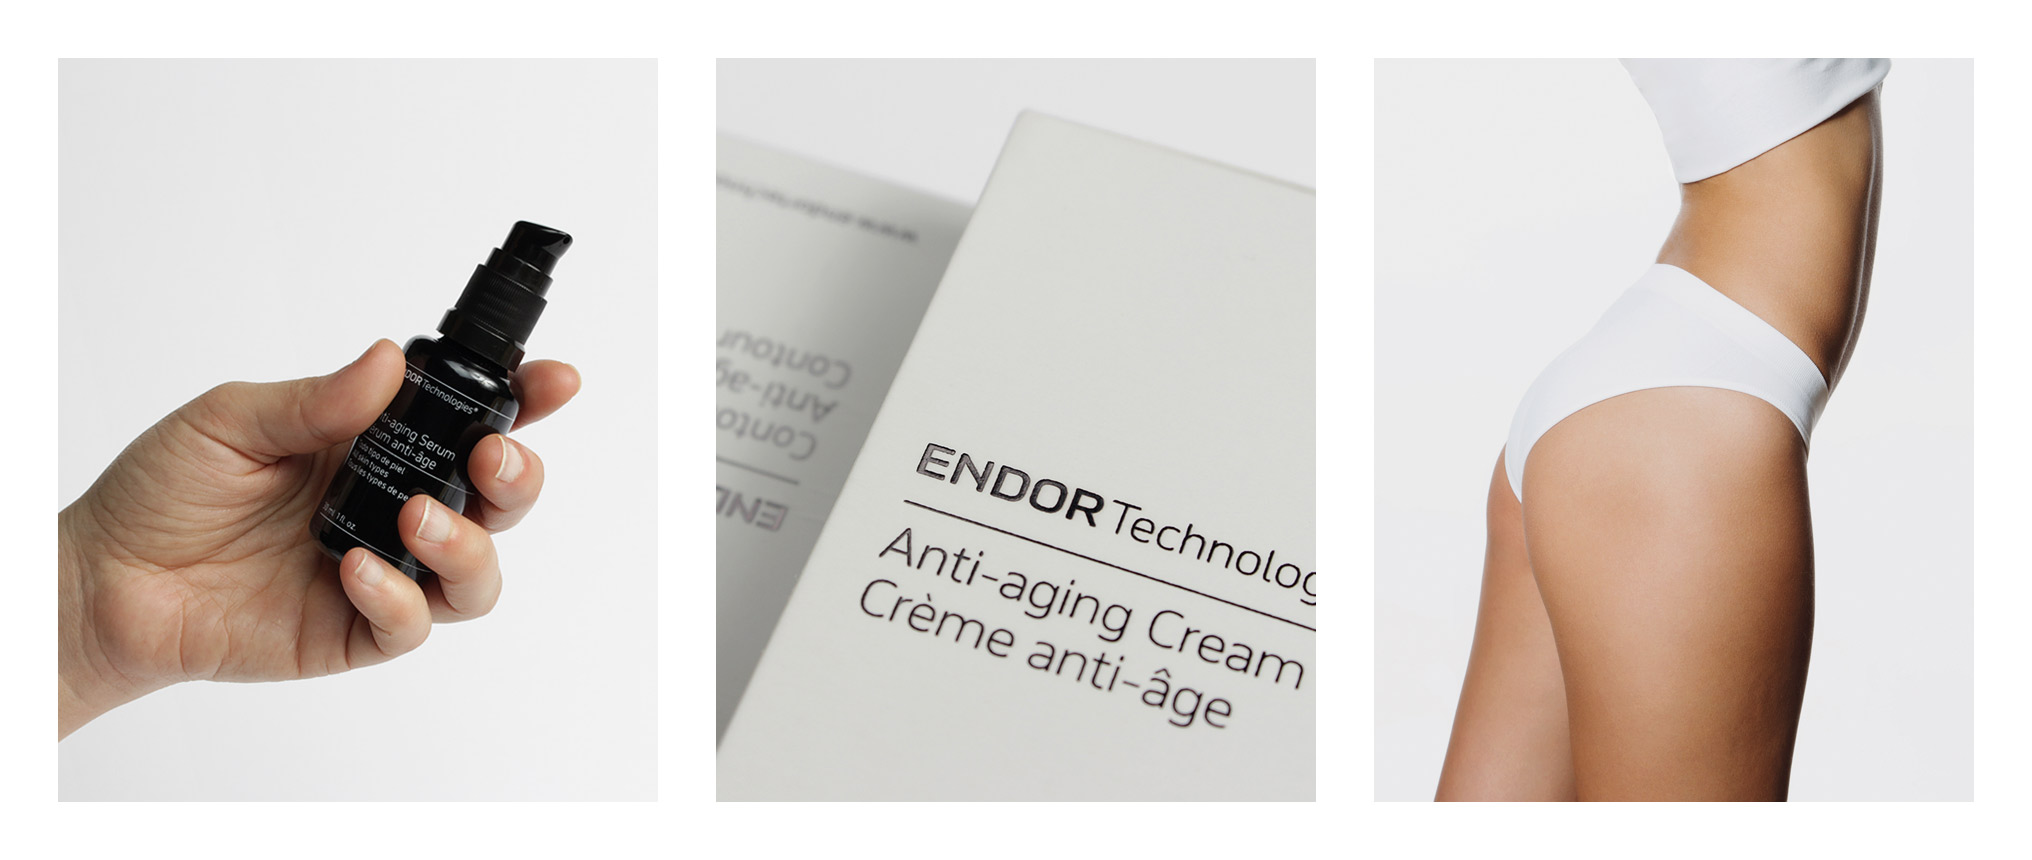 Fase, estudio de diseño gráfico. Identidad corporativa y diseño de packaging para Endor Technologies. Detalles.